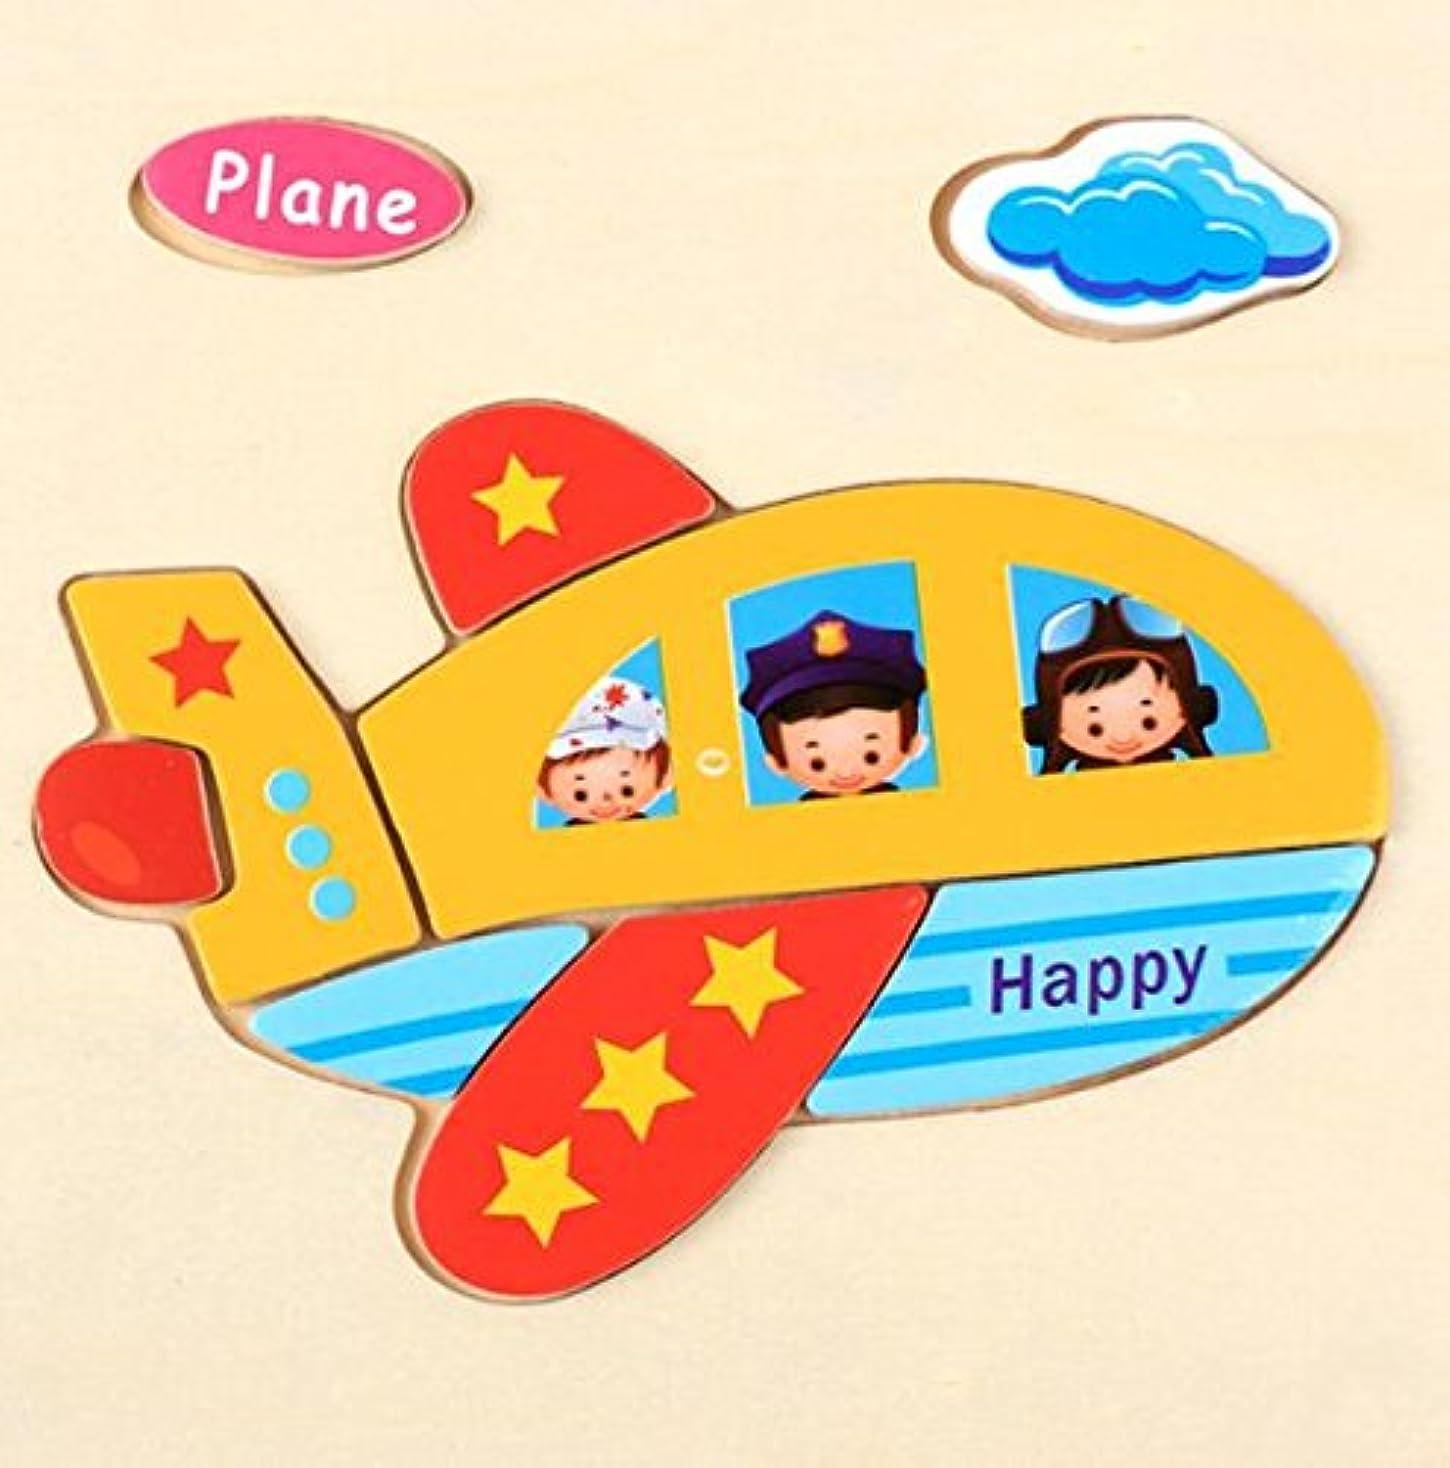 あなたはラック付属品HuaQingPiJu-JP 子供のための素敵な木製の就学前の平面認知ボード教育パズル